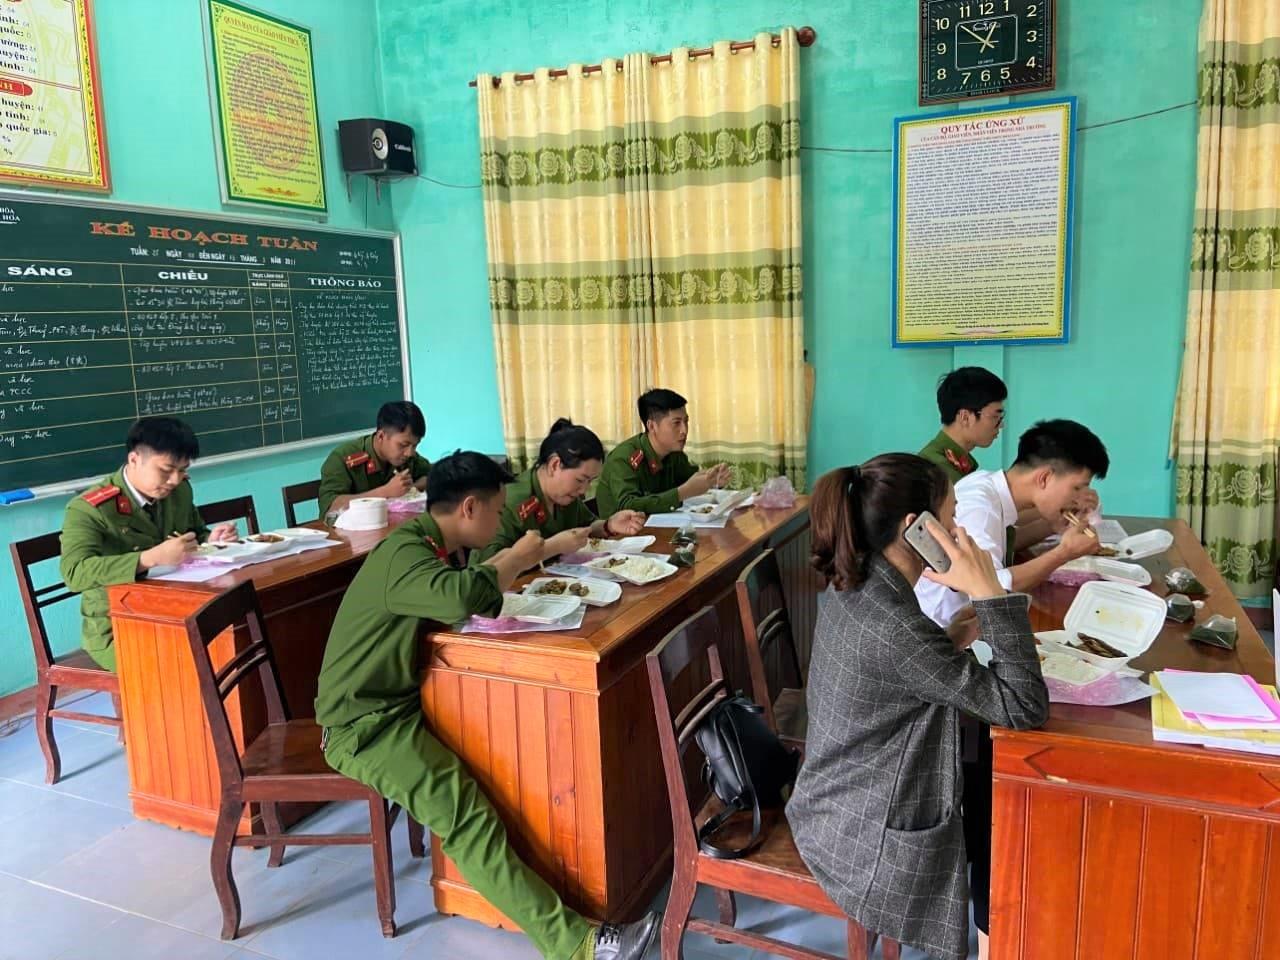 Bữa cơm trưa vội vàng của các chiến sĩ công an huyện... trong những ngày cao điểm làm thẻ căn cước công dân cho Nhân dân trên địa bàn huyện. căn